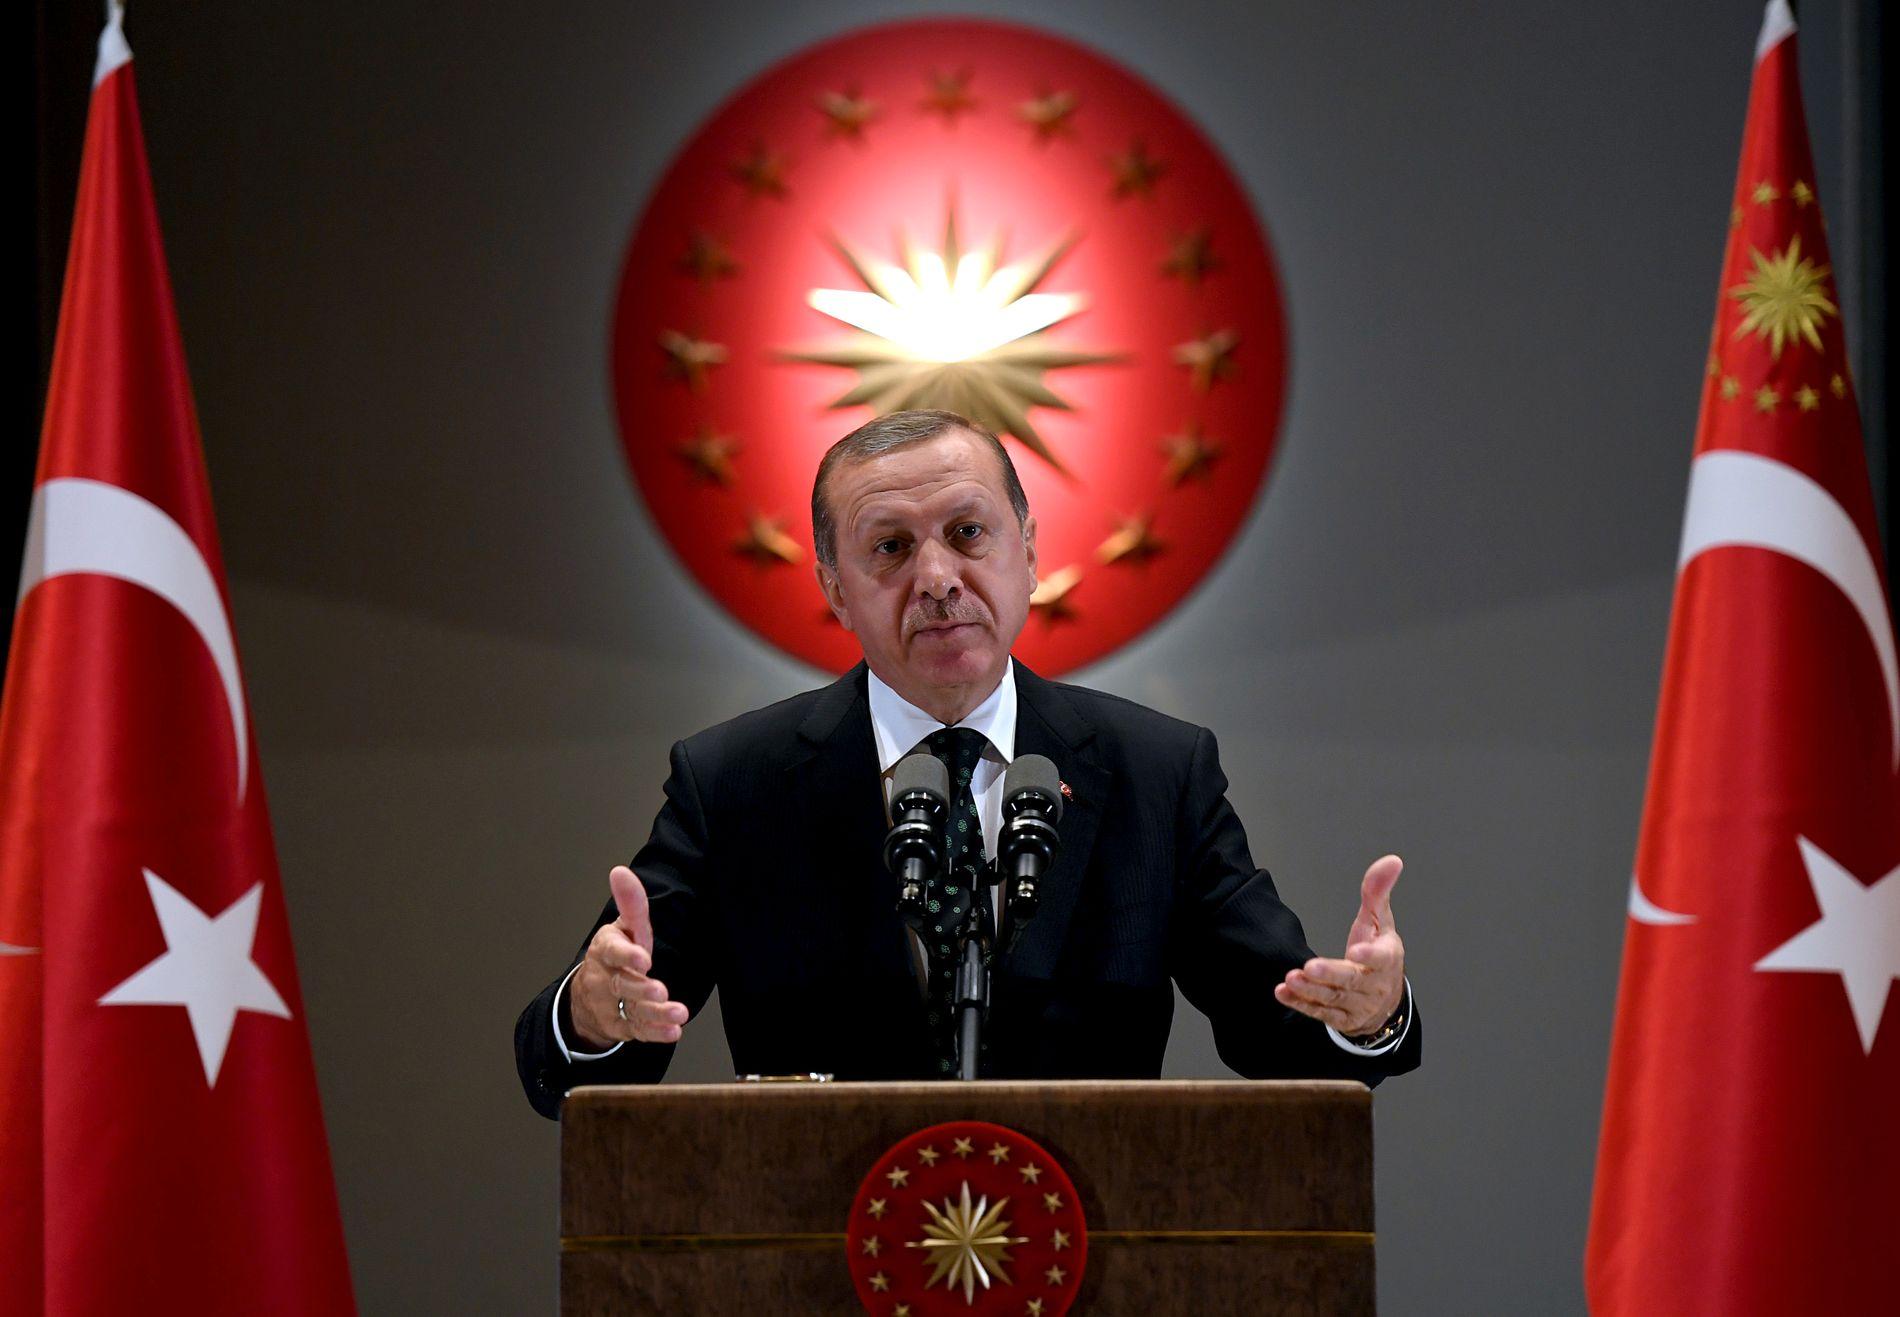 RENSKER STATEN: Tyrkias president Recep Tayyip Erdogan har sagt at staten må renskes for medlemmer av «den parallelle stukturen». Bildet er fra en tale i juni.